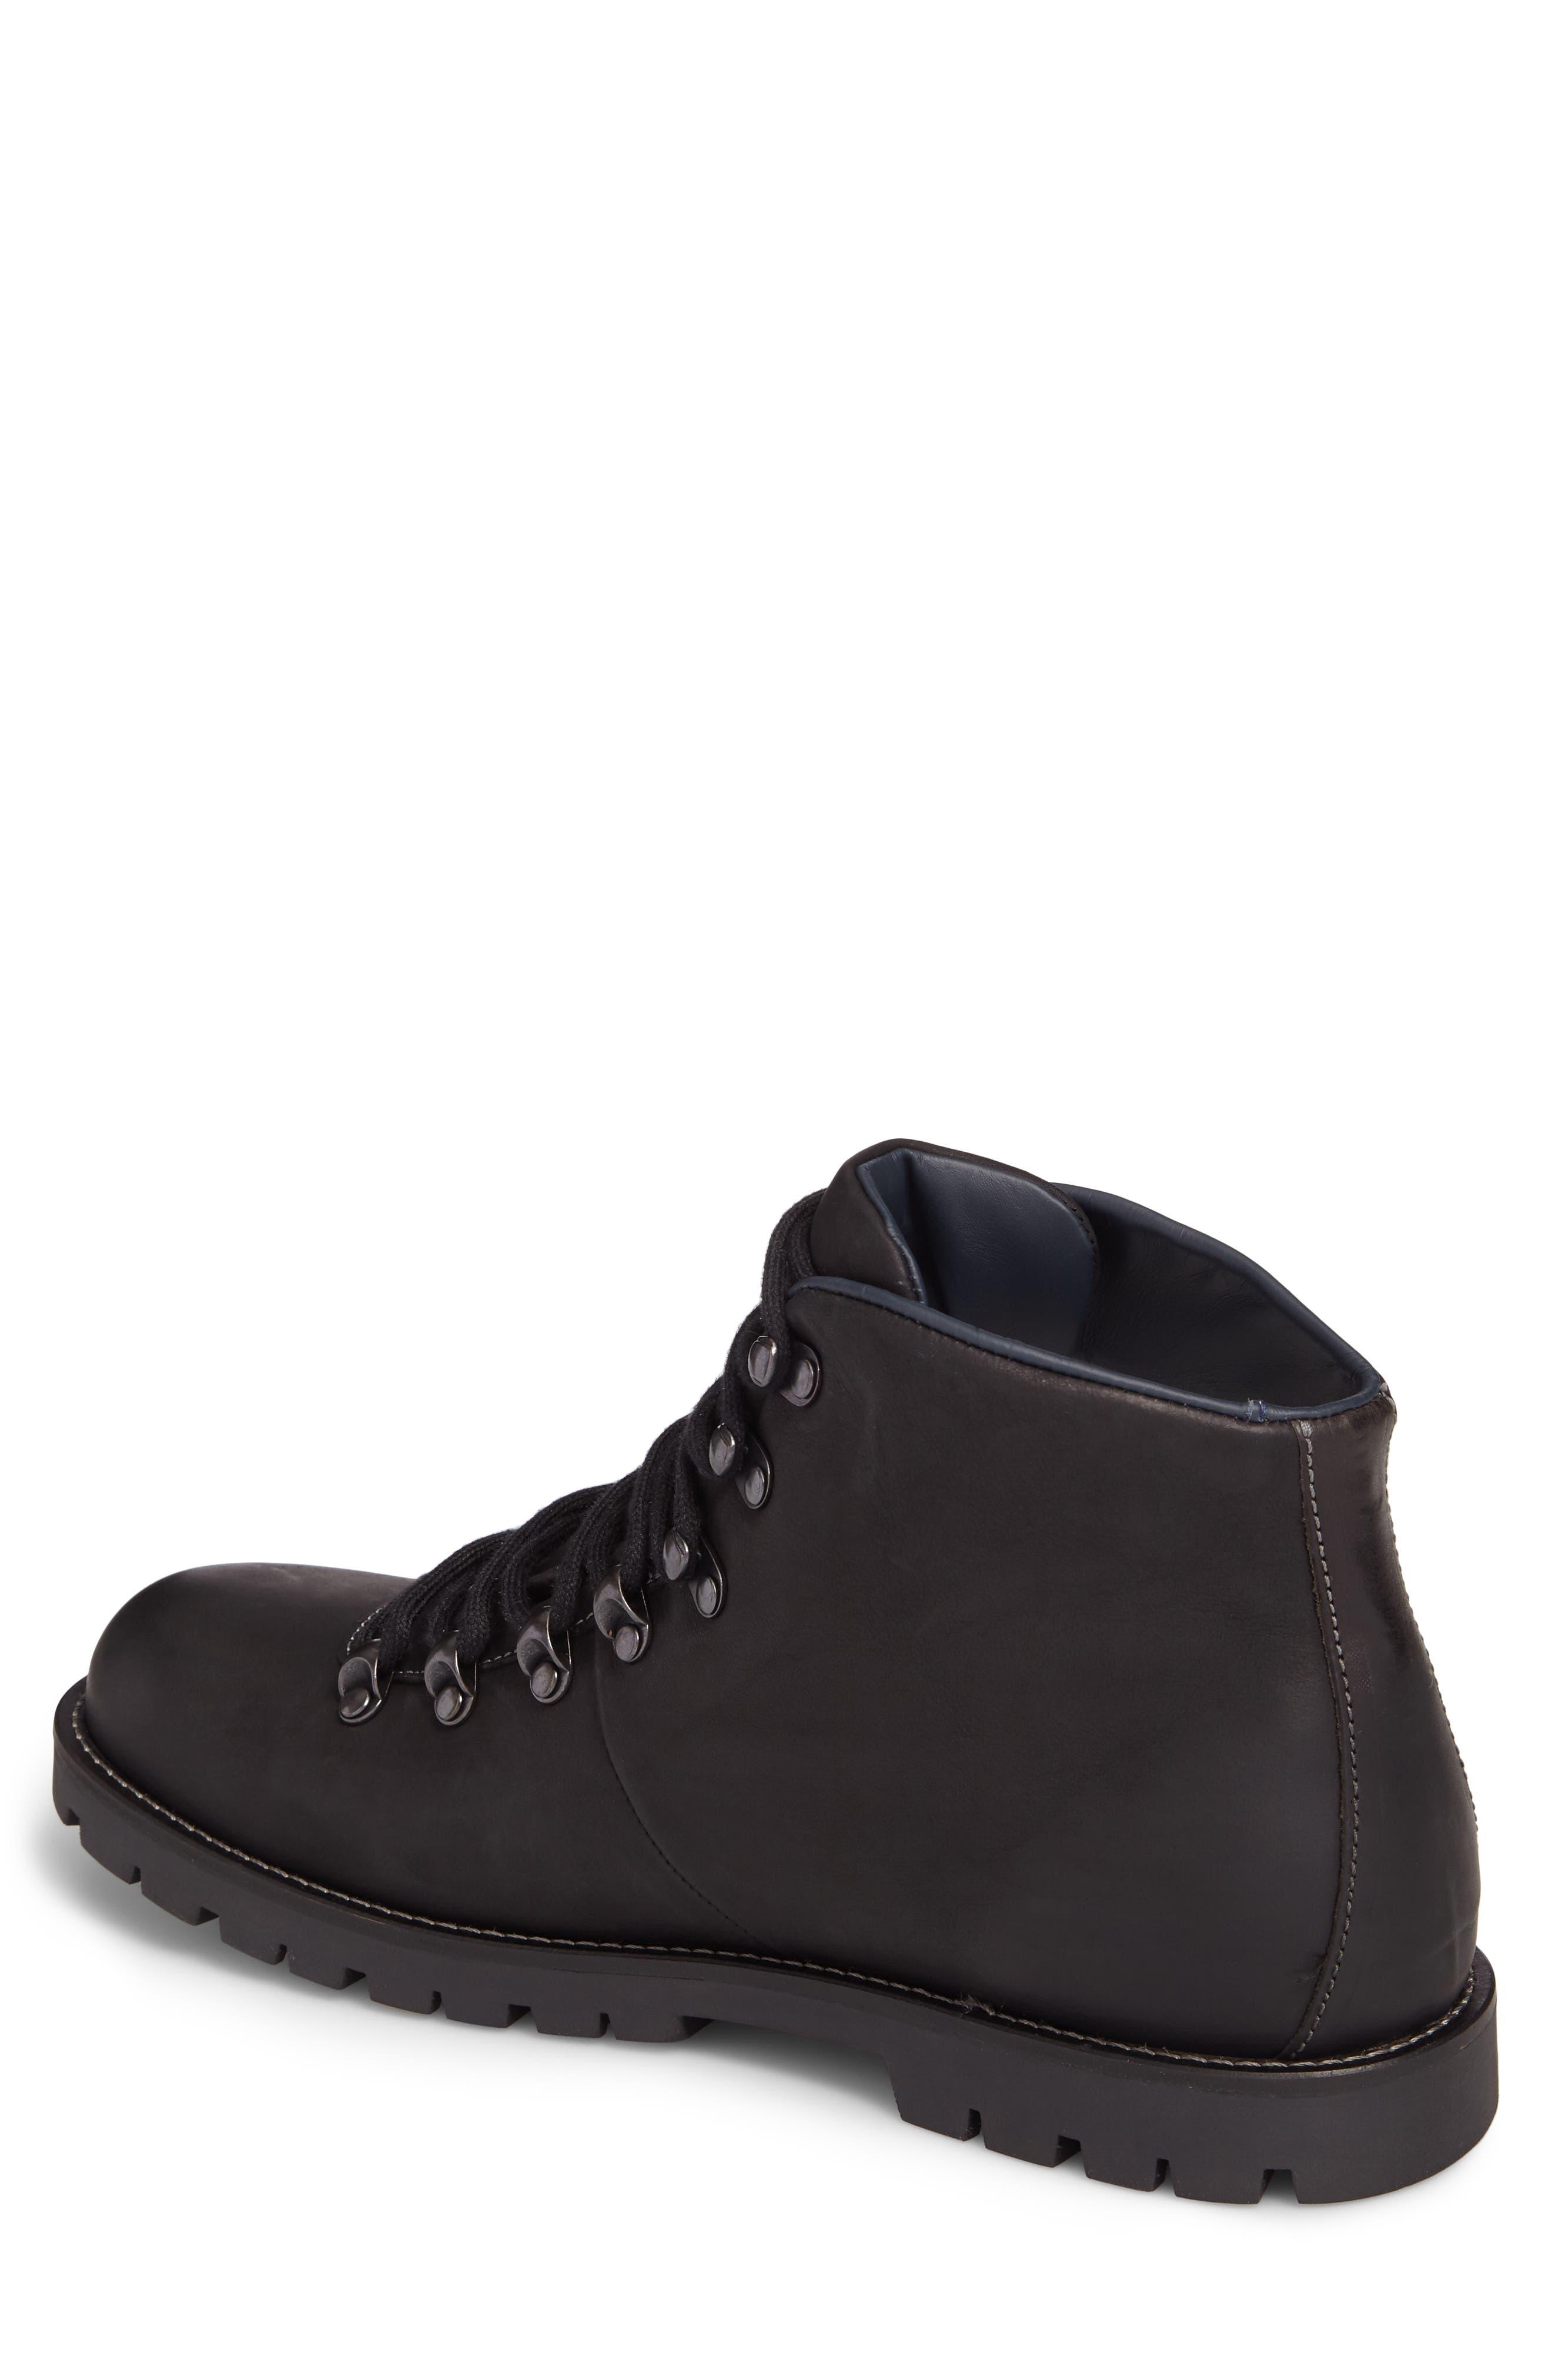 Hancock Plain Toe Boot,                             Alternate thumbnail 2, color,                             BLACK